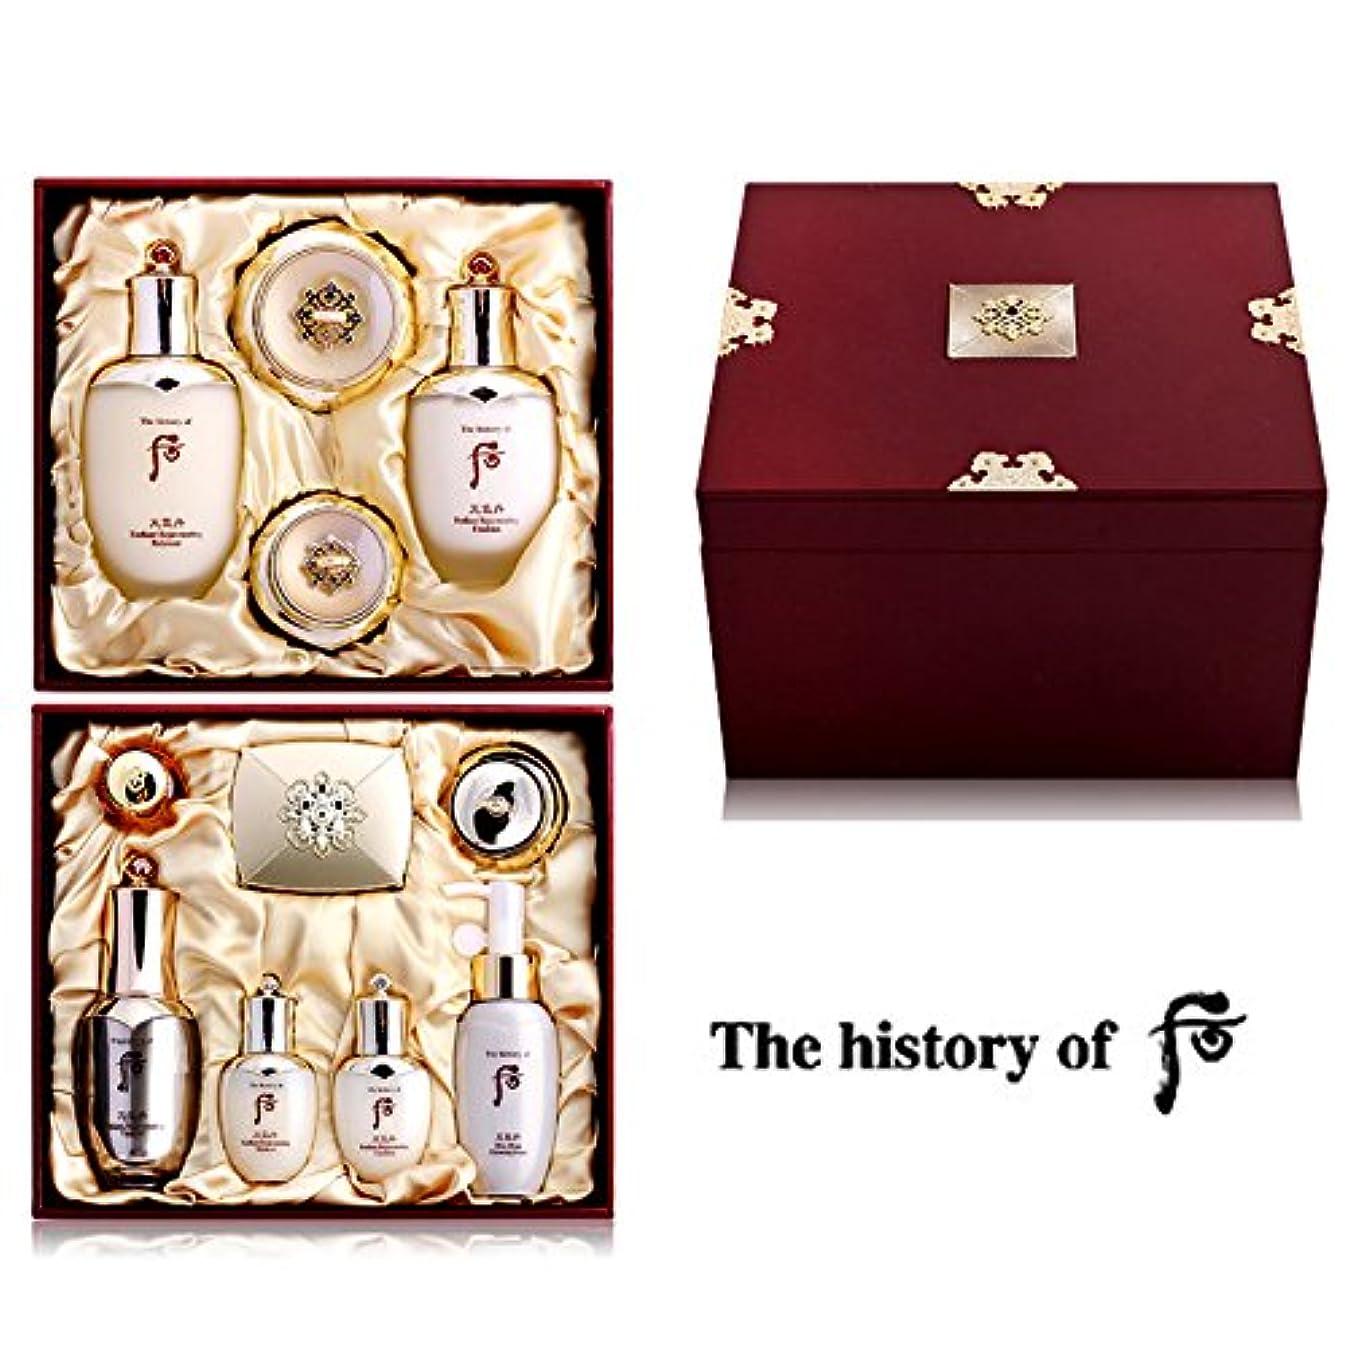 自然公園不毛フェミニン【フー/The history of whoo] 天気丹 王侯(チョンギダン ワンフ) セット/Chonghi Dan Queen Special Set+[Sample Gift](海外直送品)